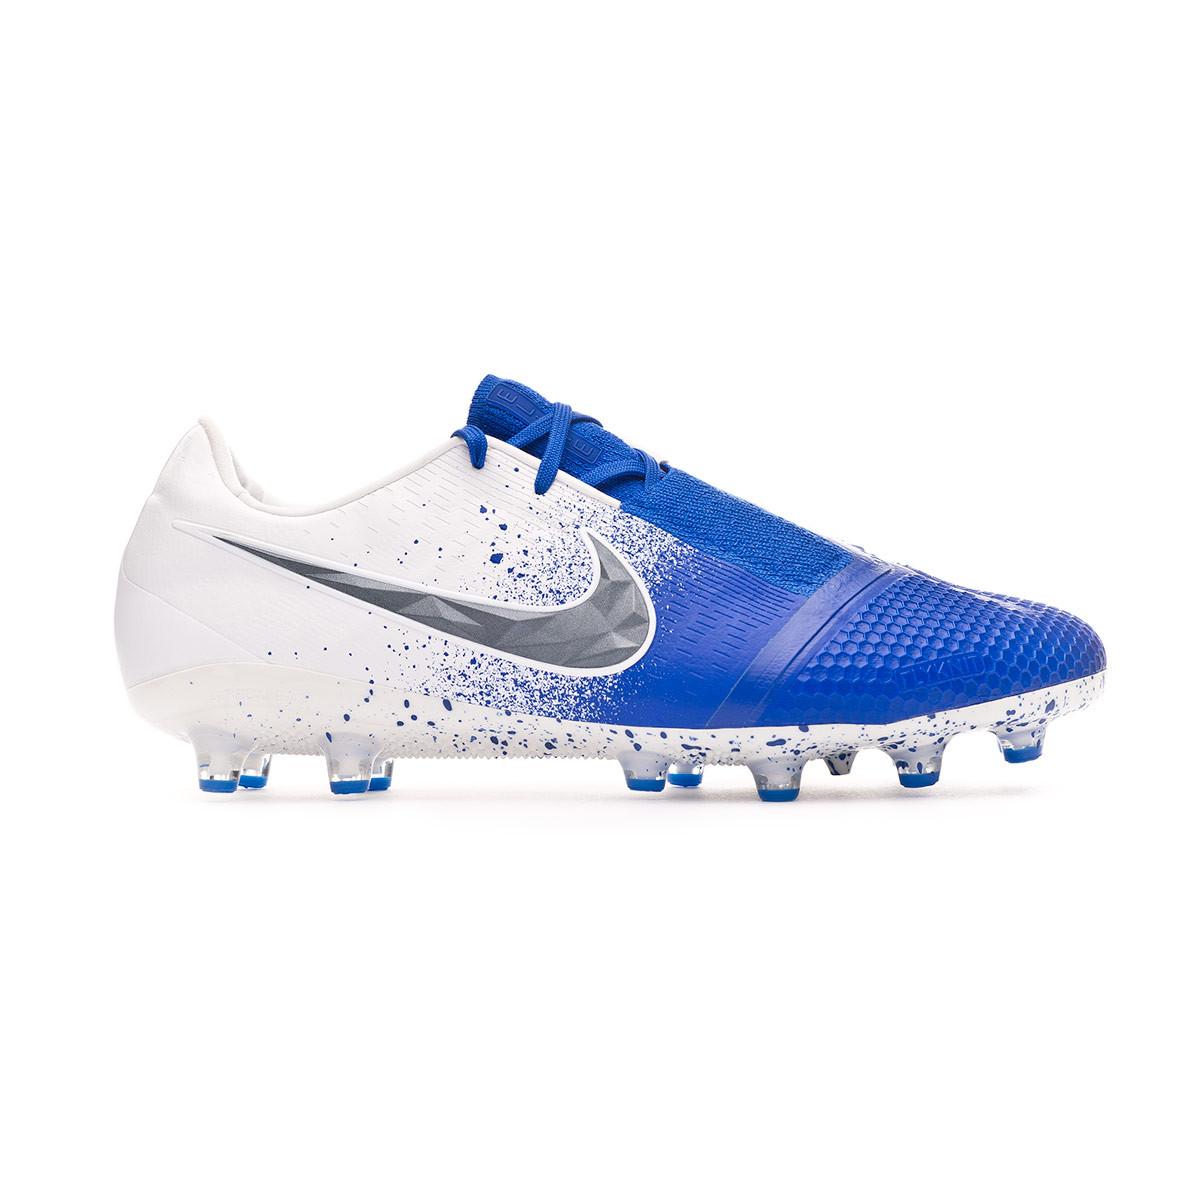 d9c5f0d6e66 Football Boots Nike Phantom Venom Elite AG-Pro White-Black-Racer blue -  Football store Fútbol Emotion